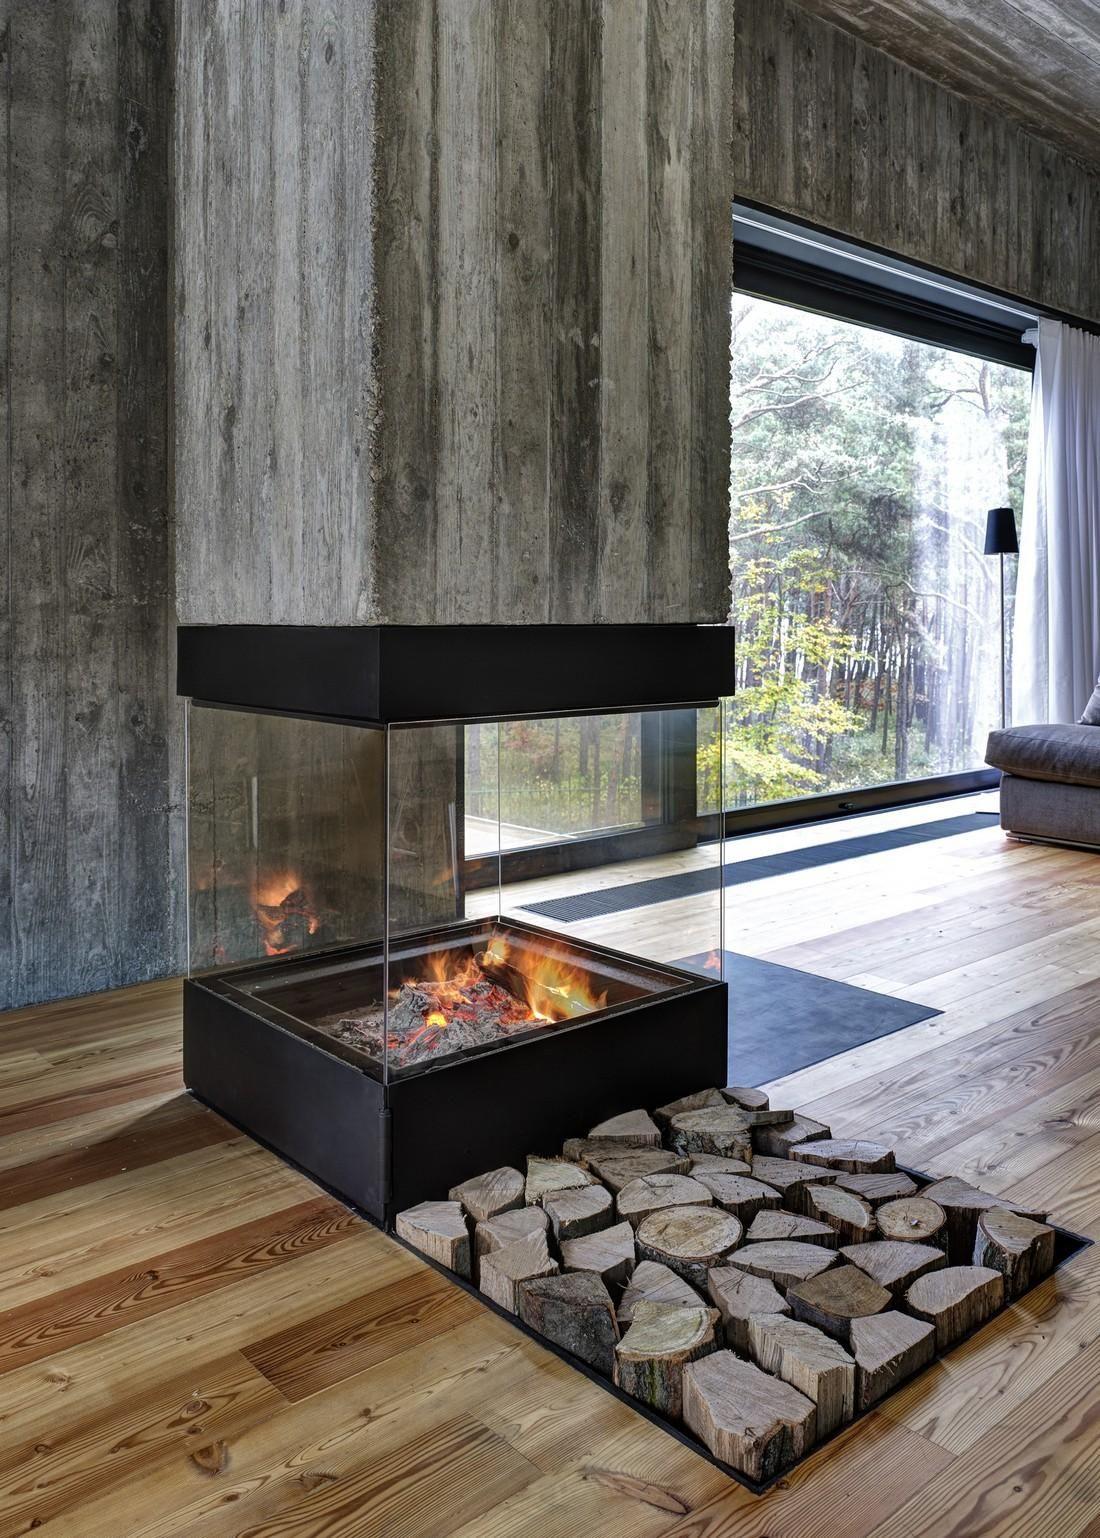 Se puede poner chimenea en un piso gallery of insert - Poner chimenea en un piso ...